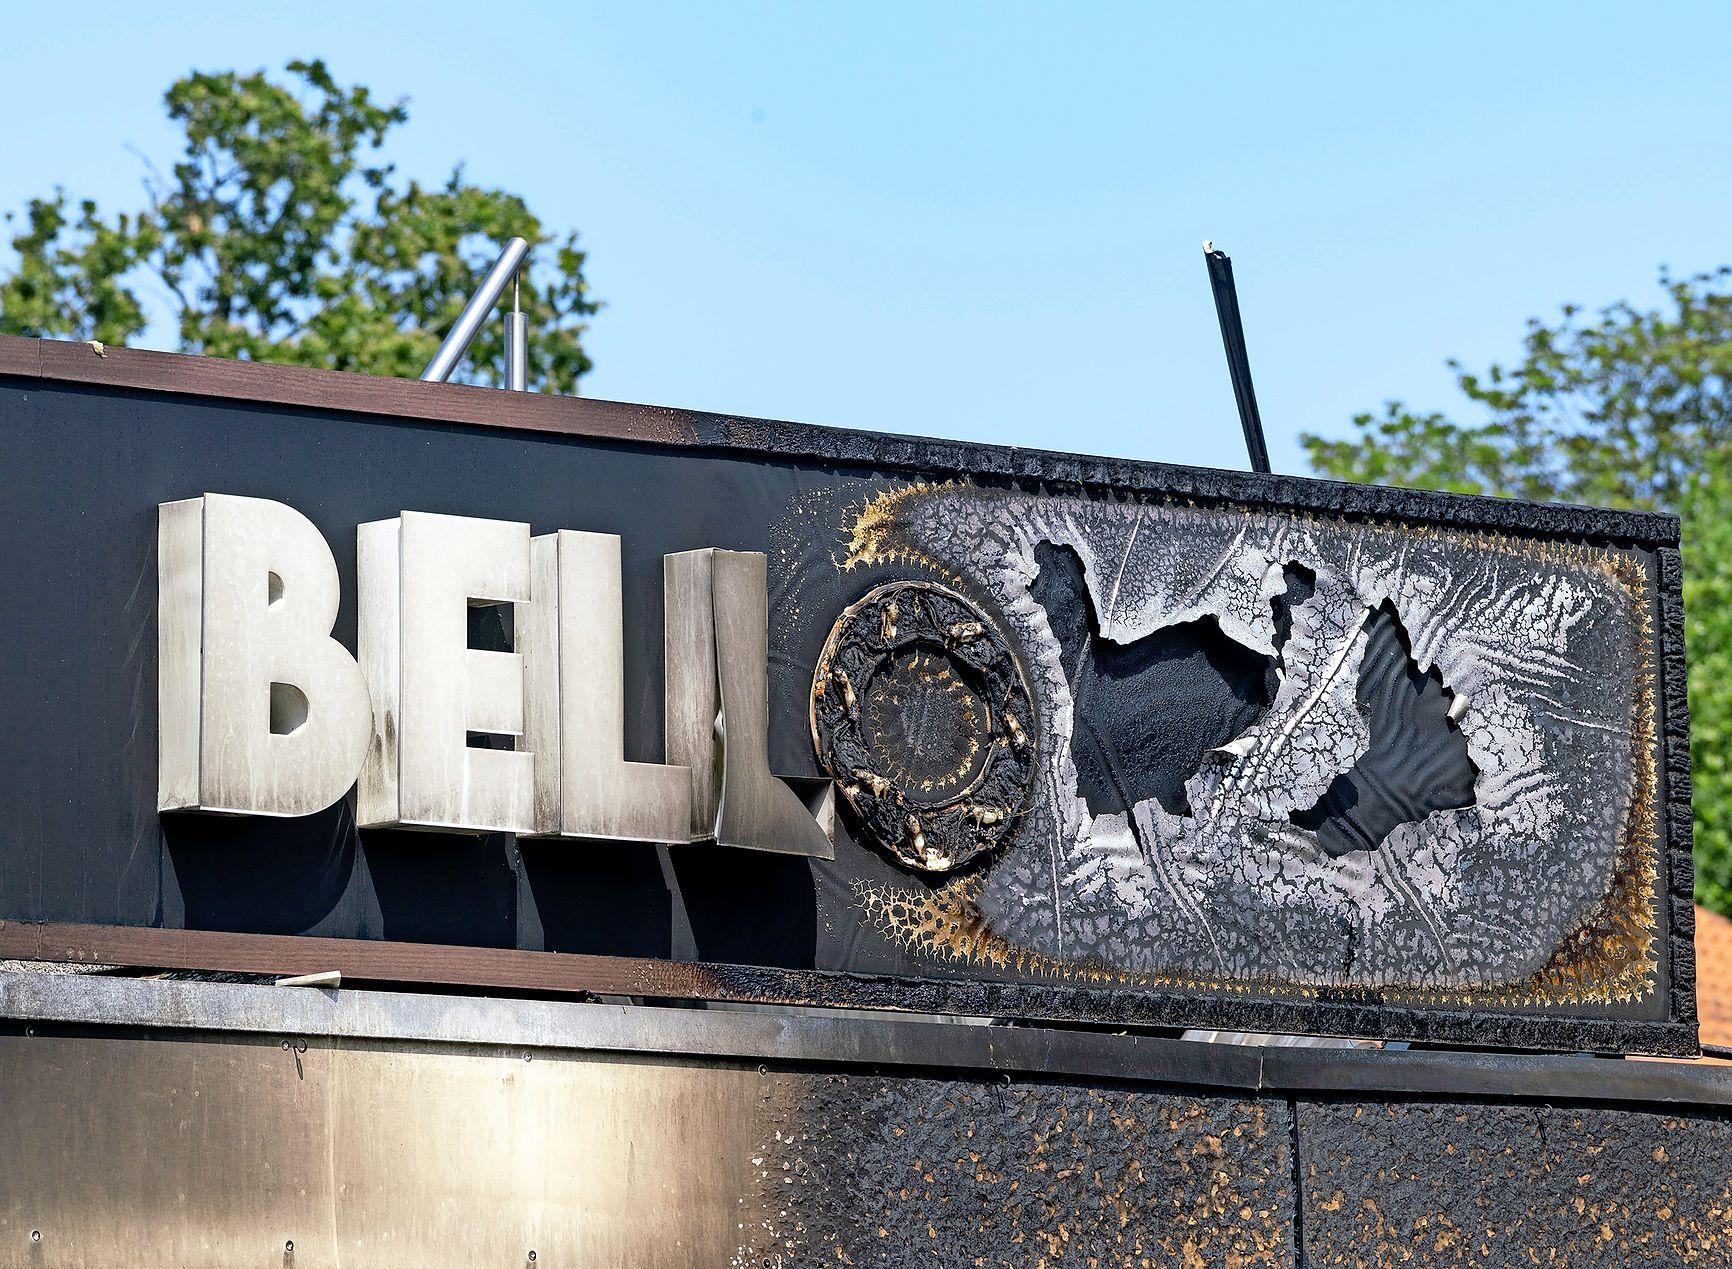 'Dat iedereen ermee bezig is, echt ongelooflijk'. Inzamelingsactie voor volledig afgebrande snackbar Bello levert al 8,5 duizend euro op binnen 24 uur